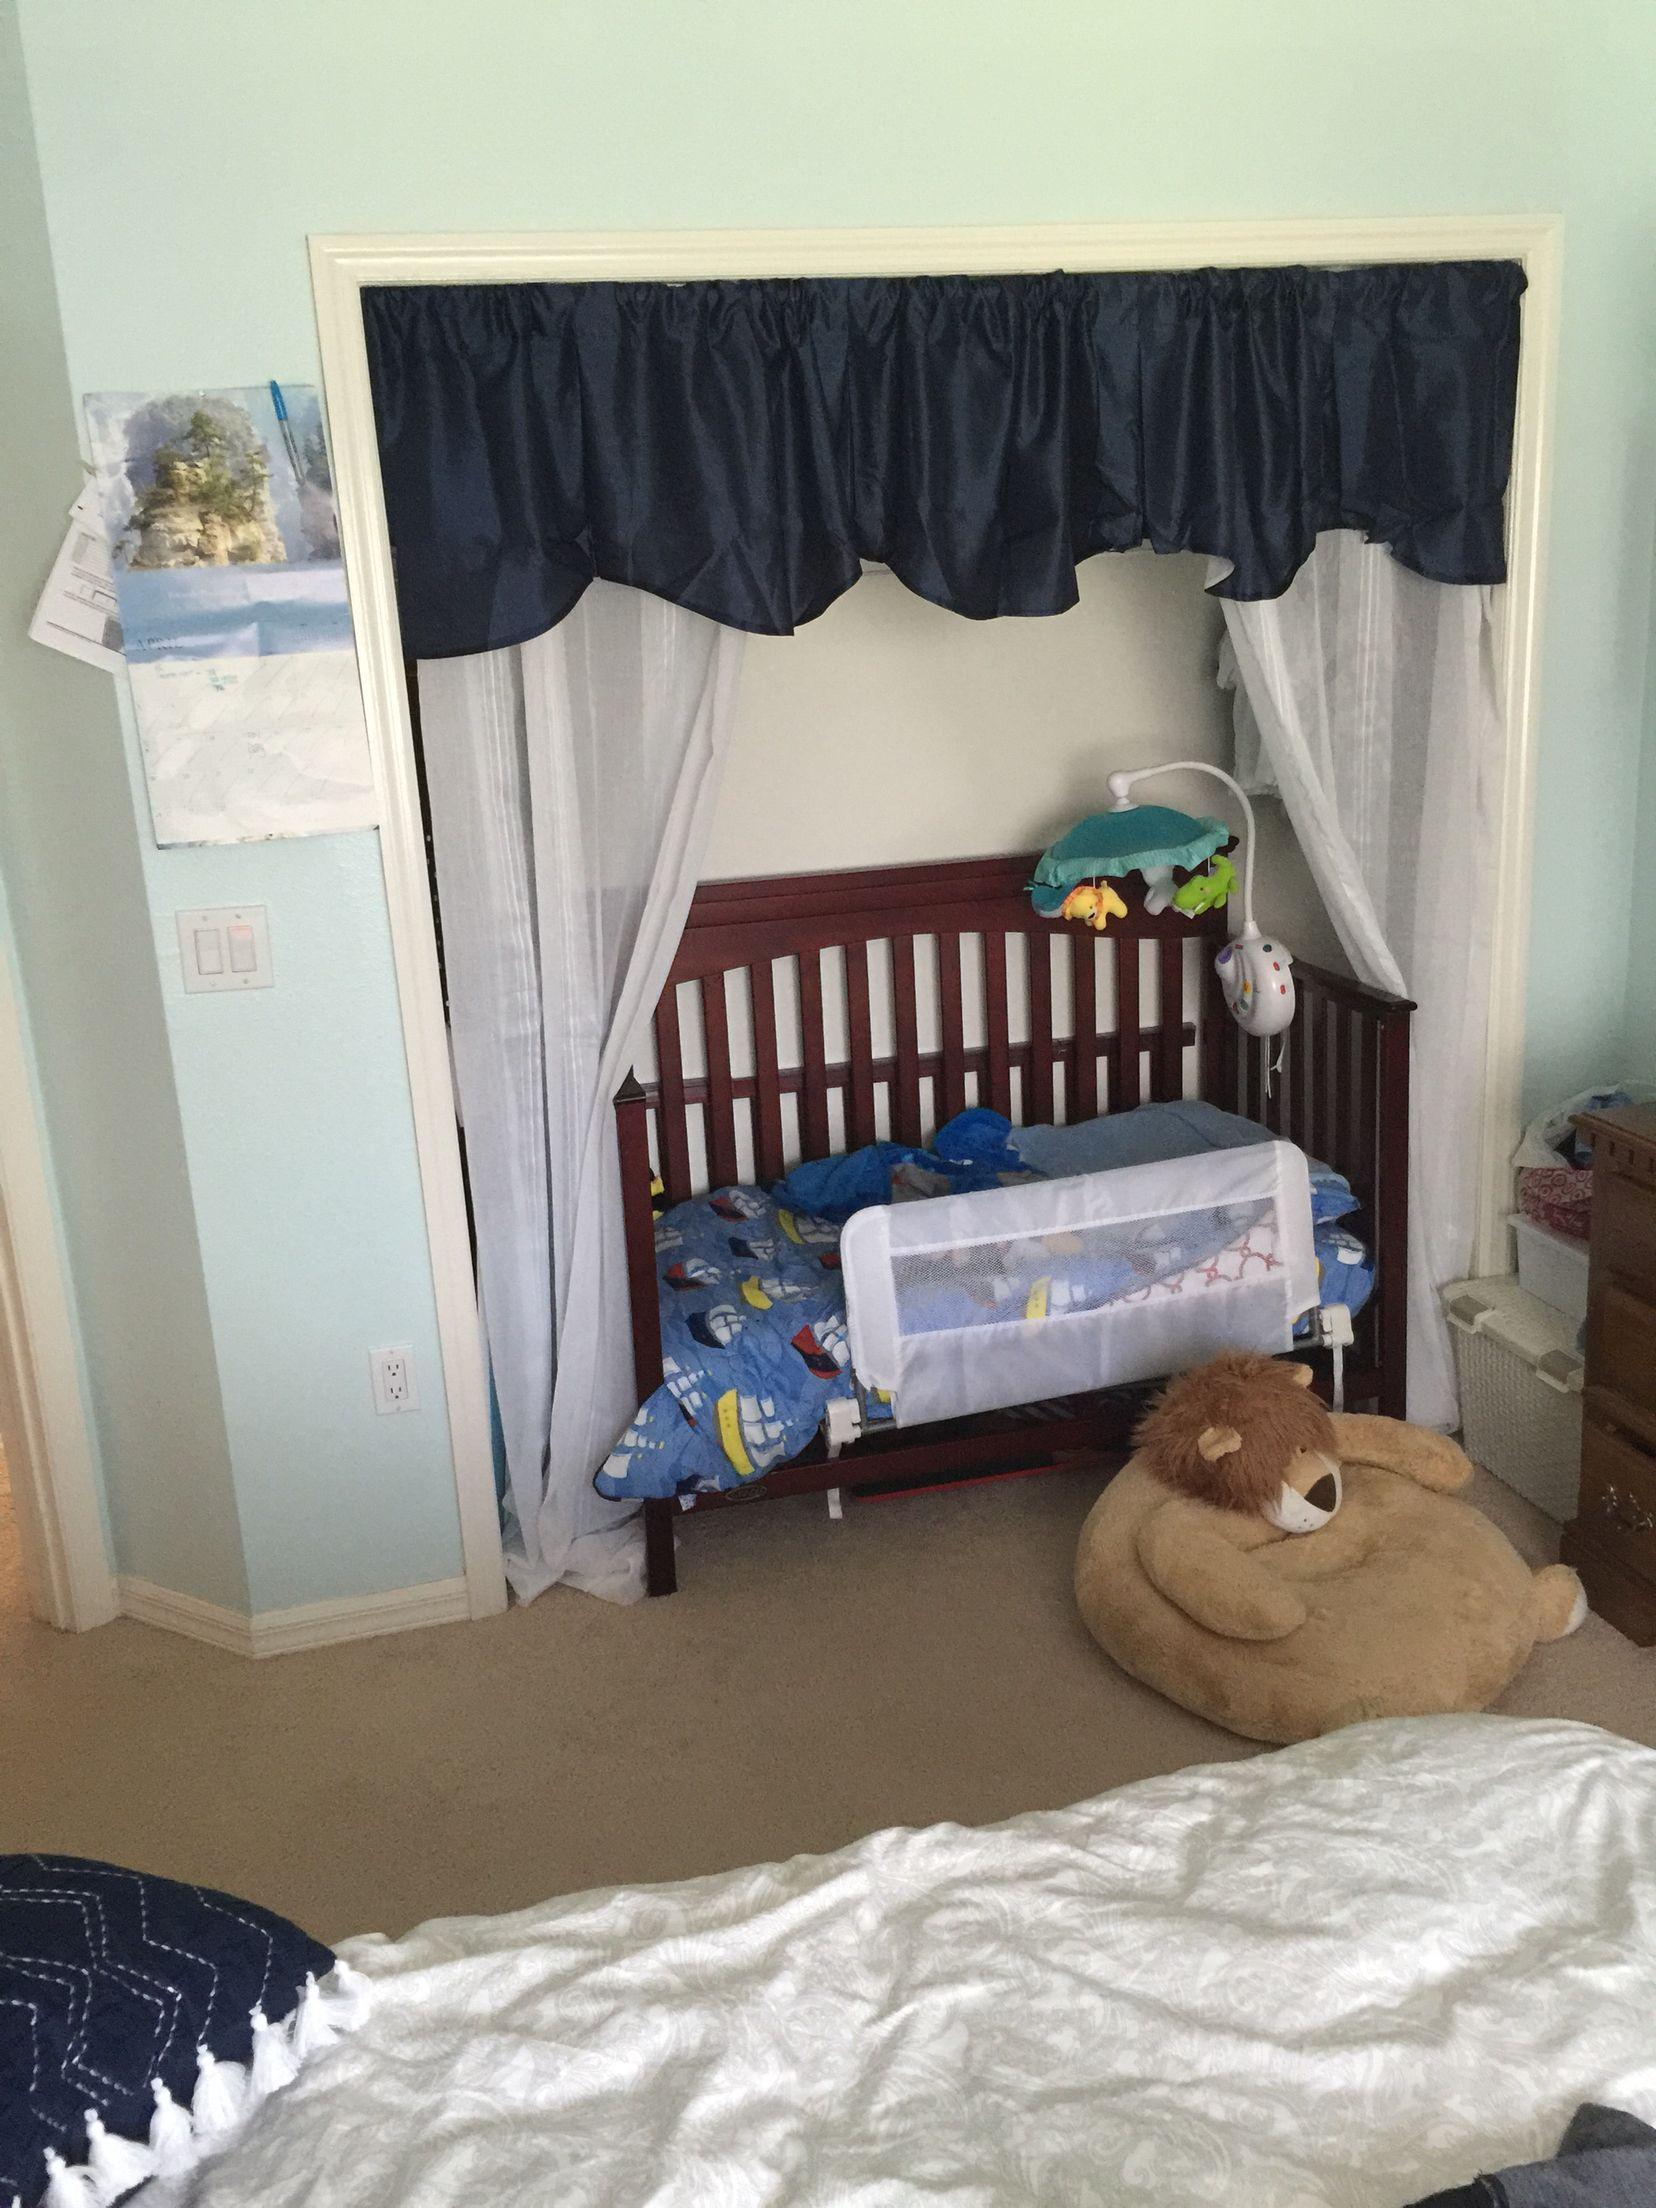 Toddler Bed In Closet Bed In Closet Toddler Bed Toddler Closet